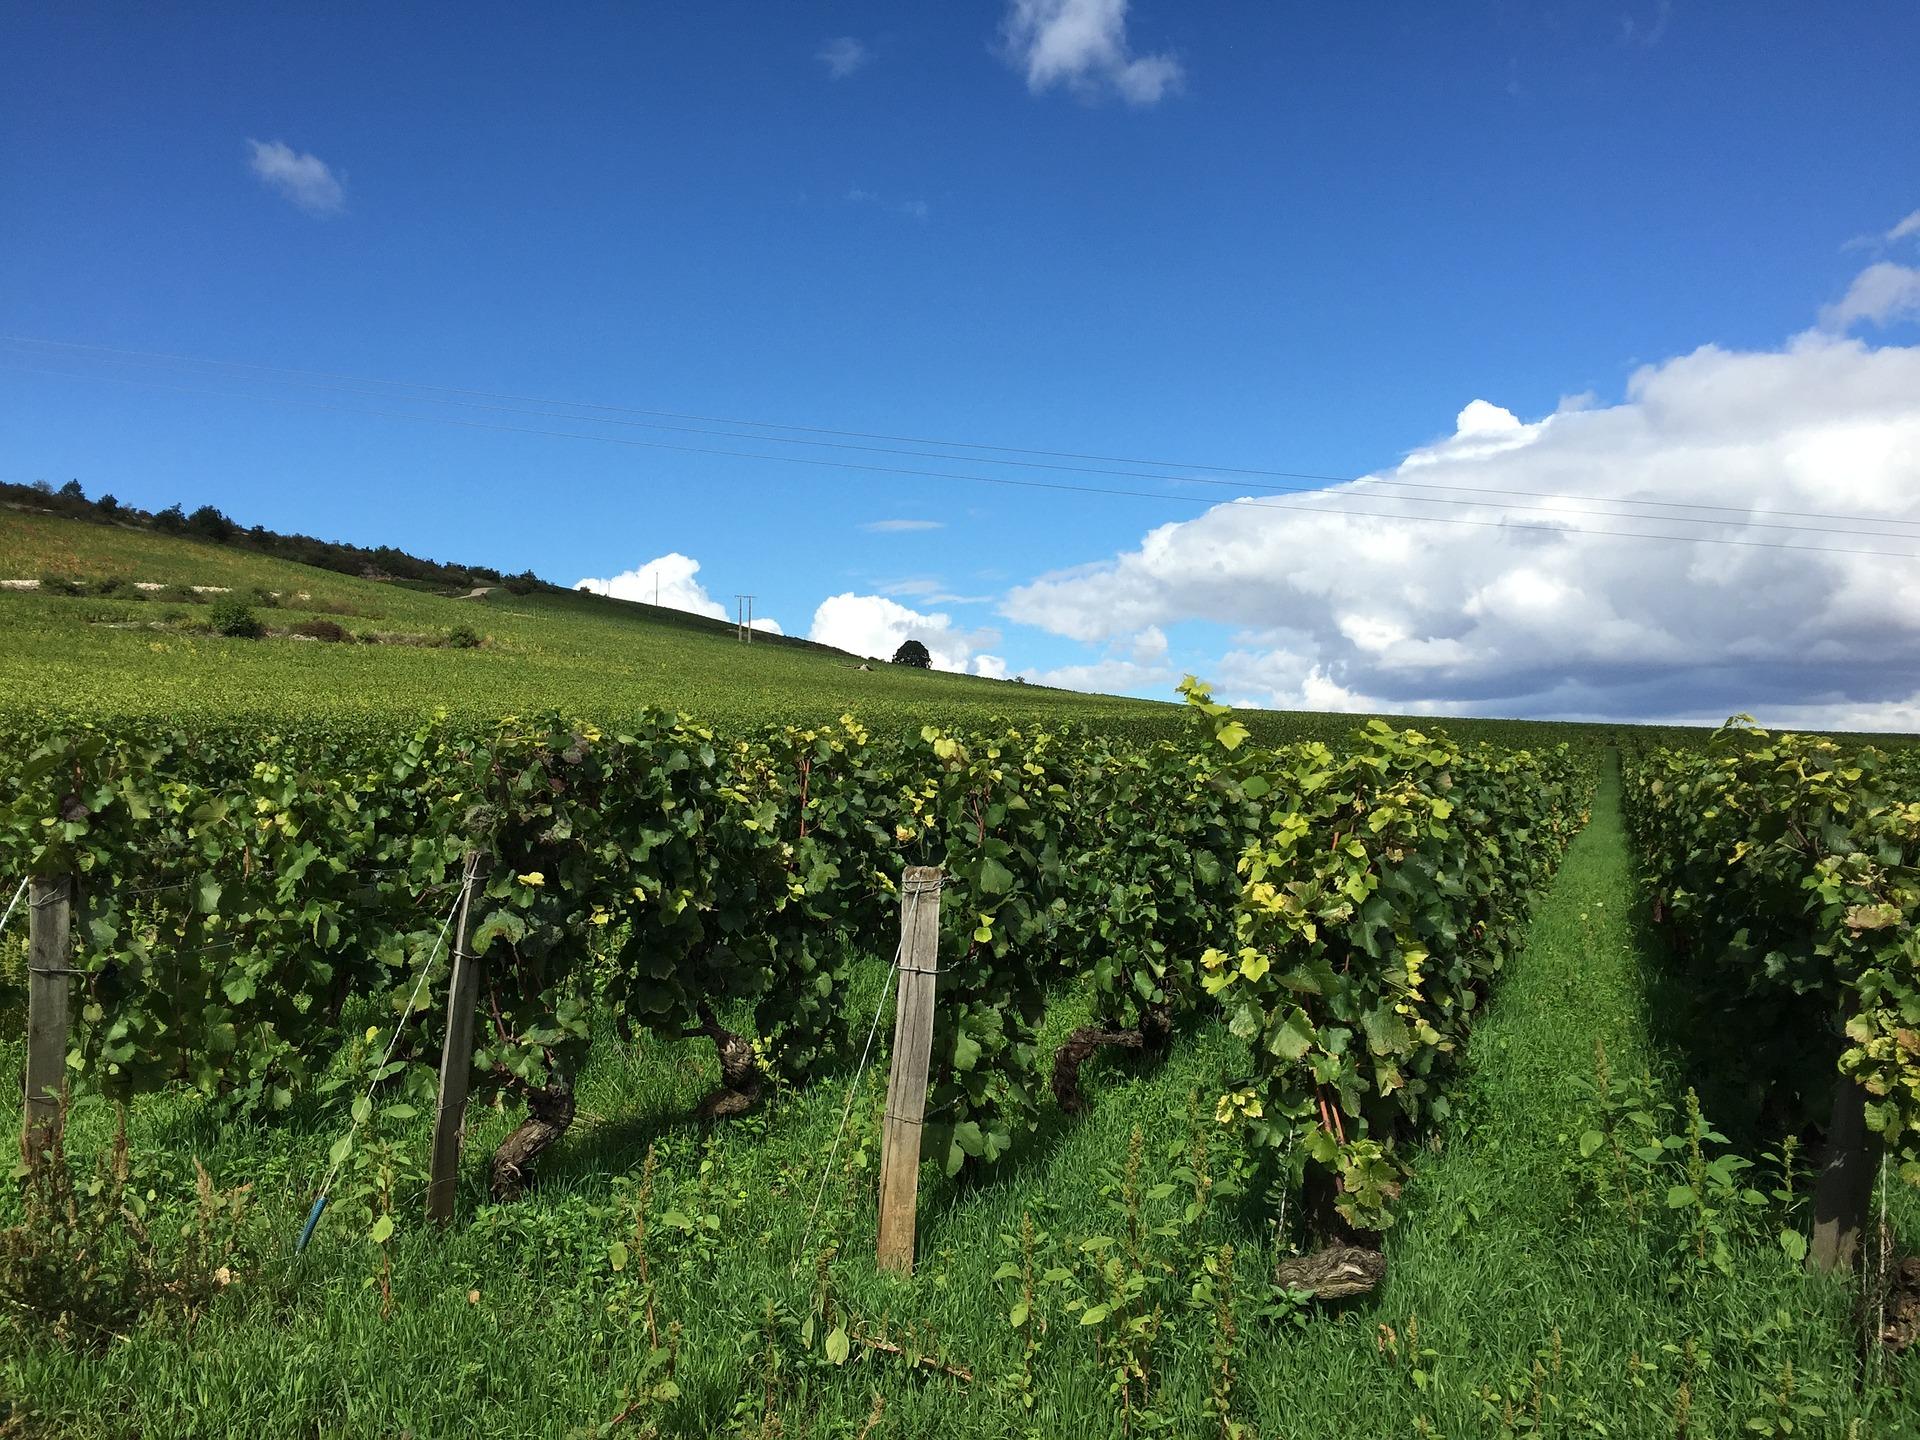 샤블리 와이너리 (Chablis Winery)